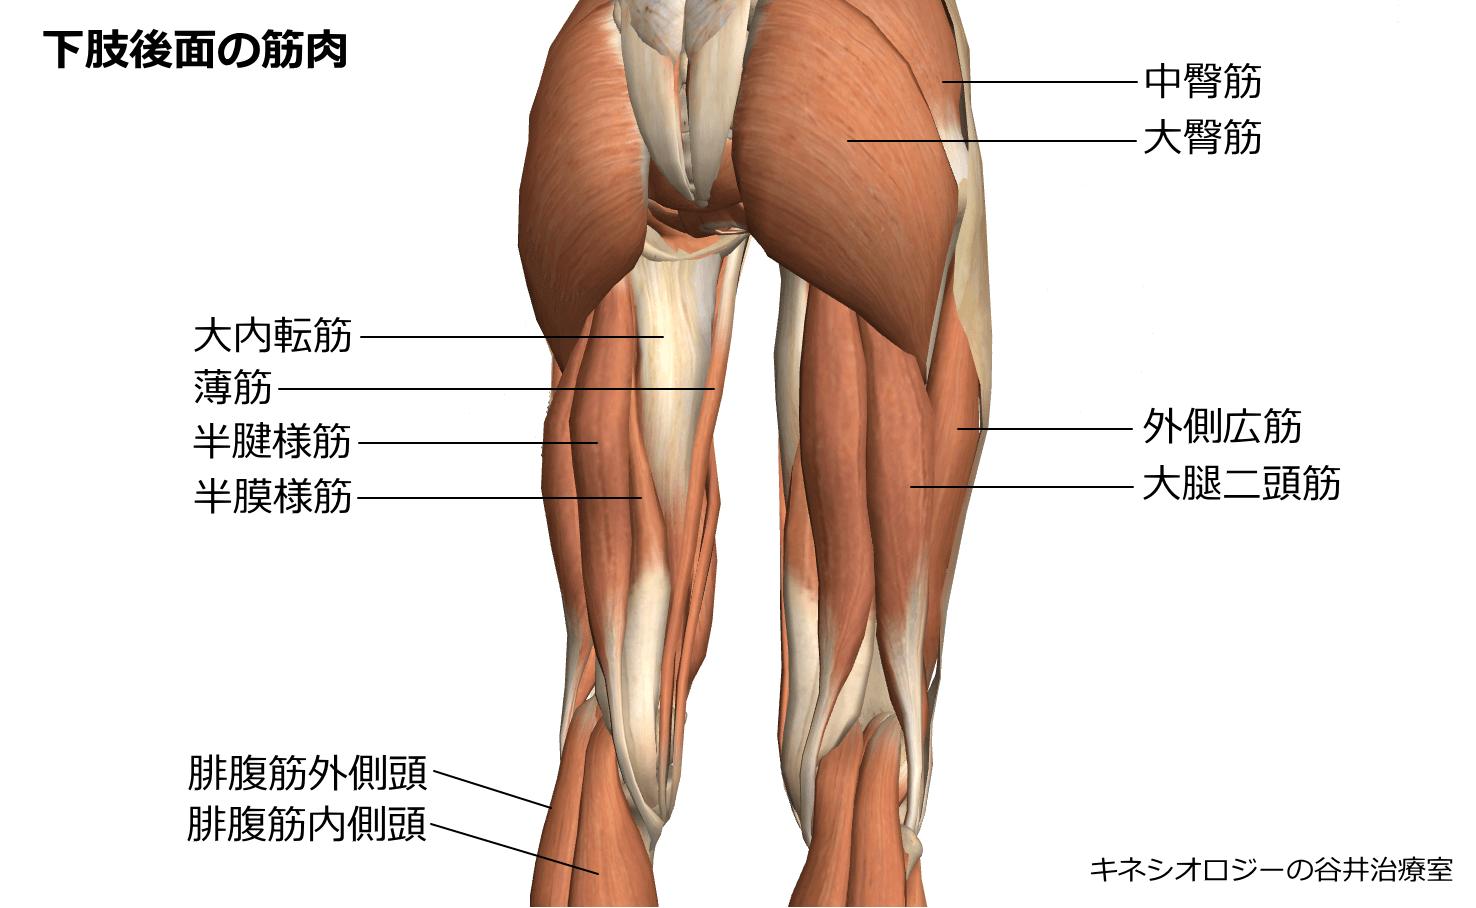 札幌整体膝の痛み治療院 下肢後面筋